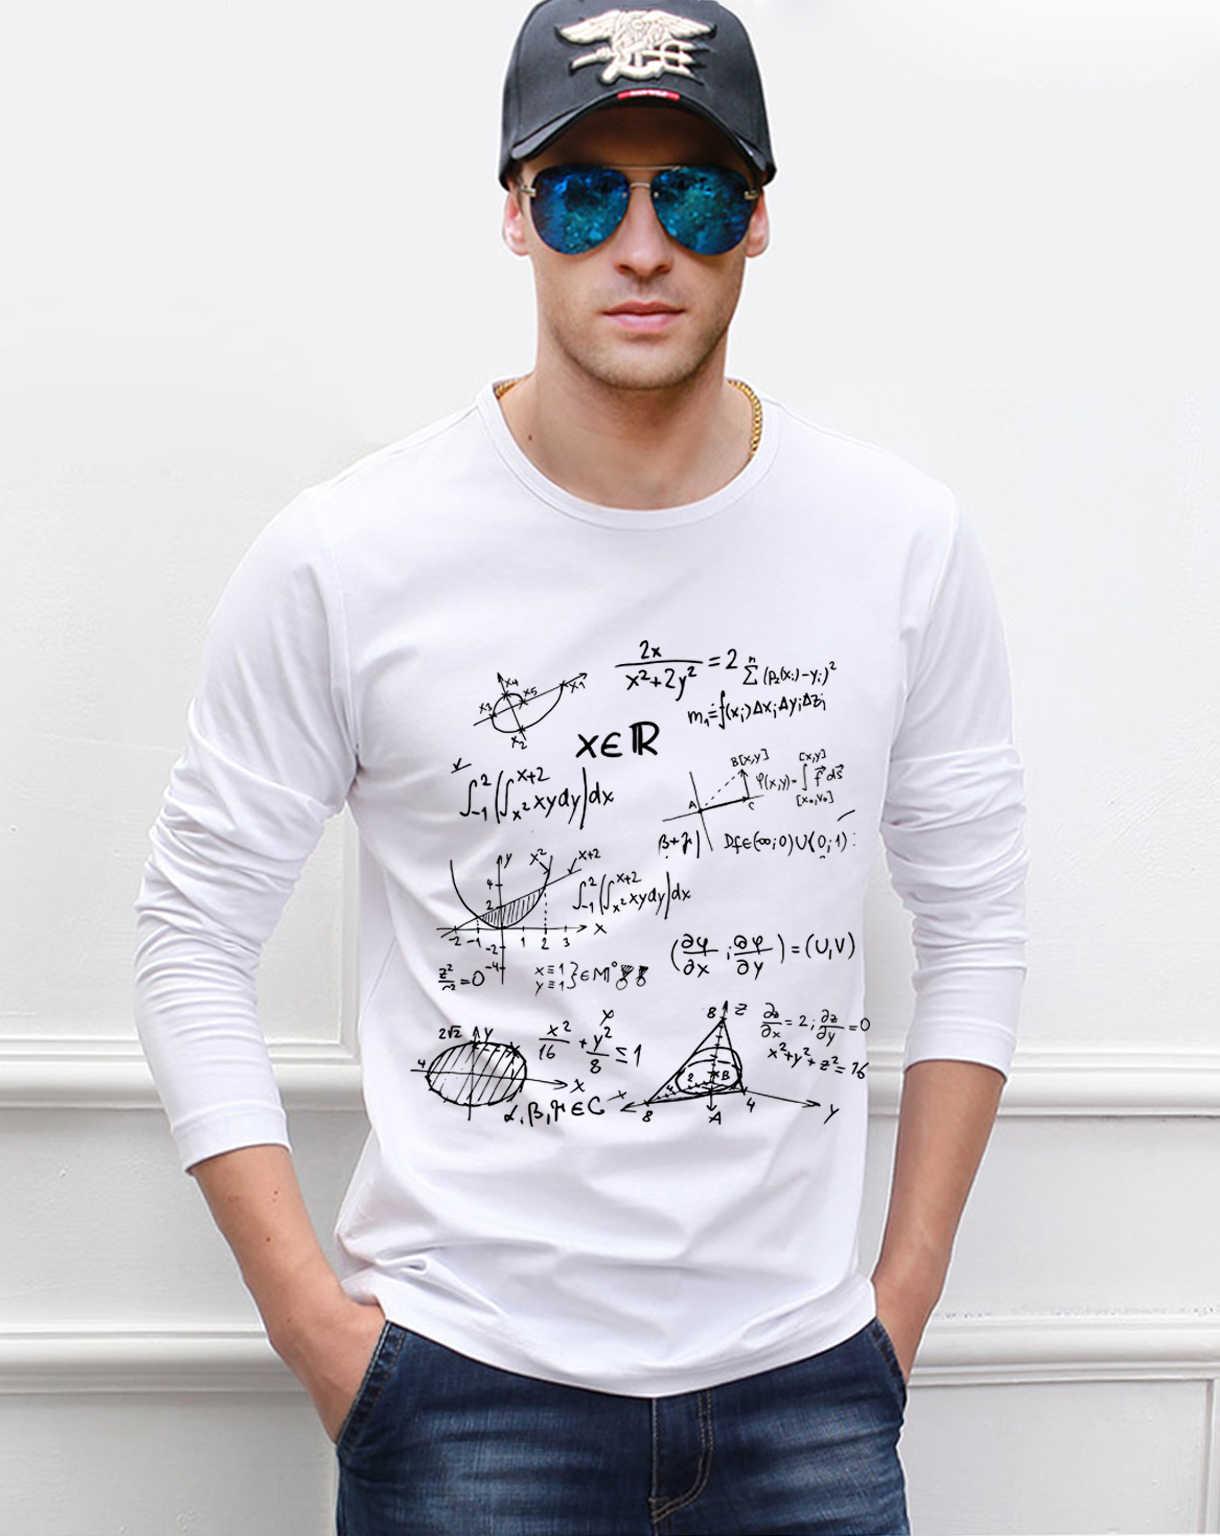 성인 과학 t 셔츠 하이틴 수학 공식 남자 긴 소매 티셔츠 2019 새로운 스타일 봄 100% 코 튼 고품질 상위 티셔츠